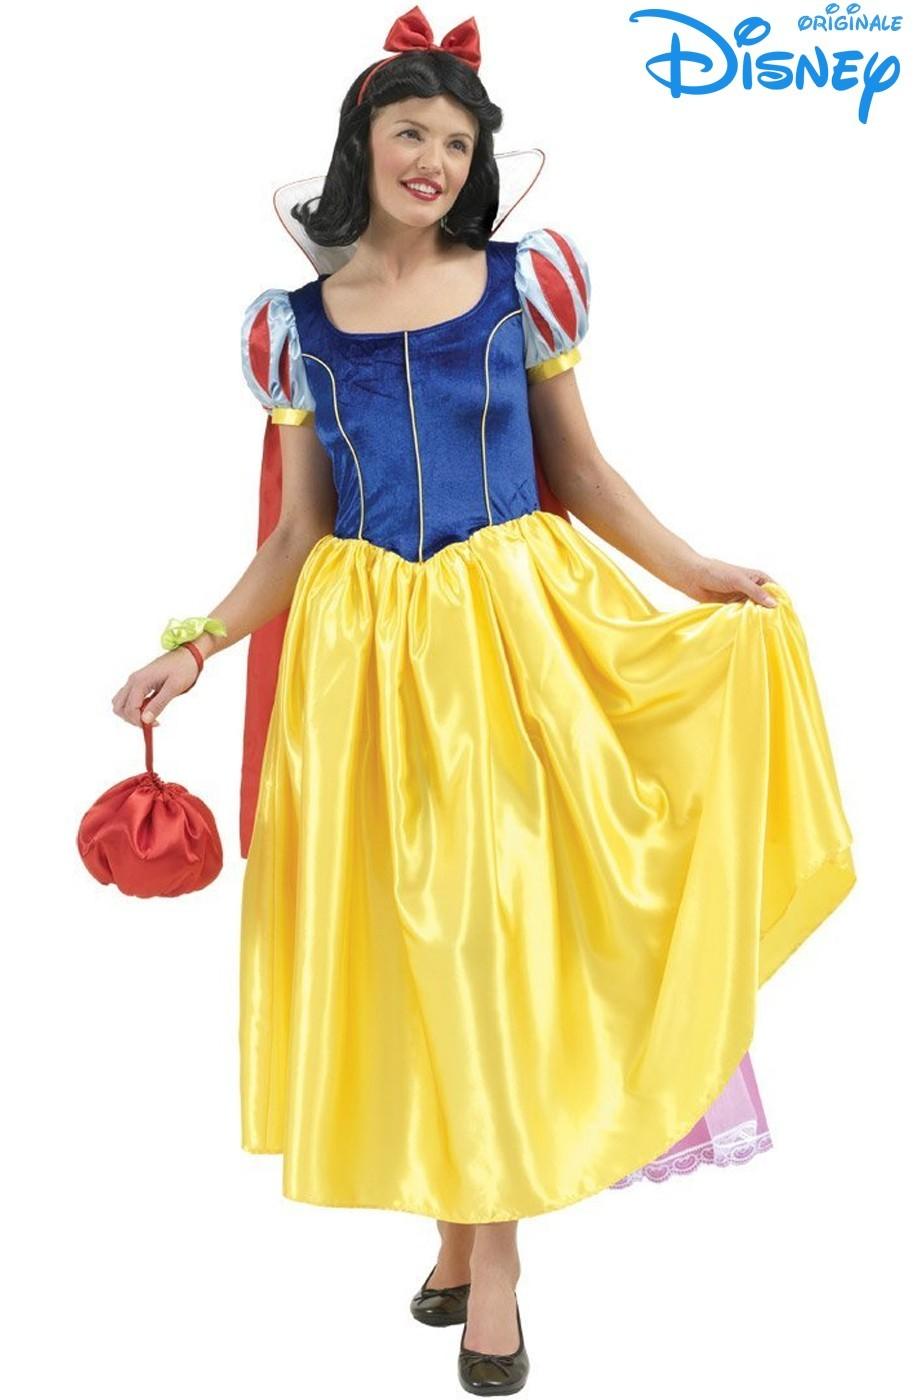 nuovo stile di scegli il più recente tecniche moderne vestito di carnevale da Biancaneve per donnna adulto originale Disney